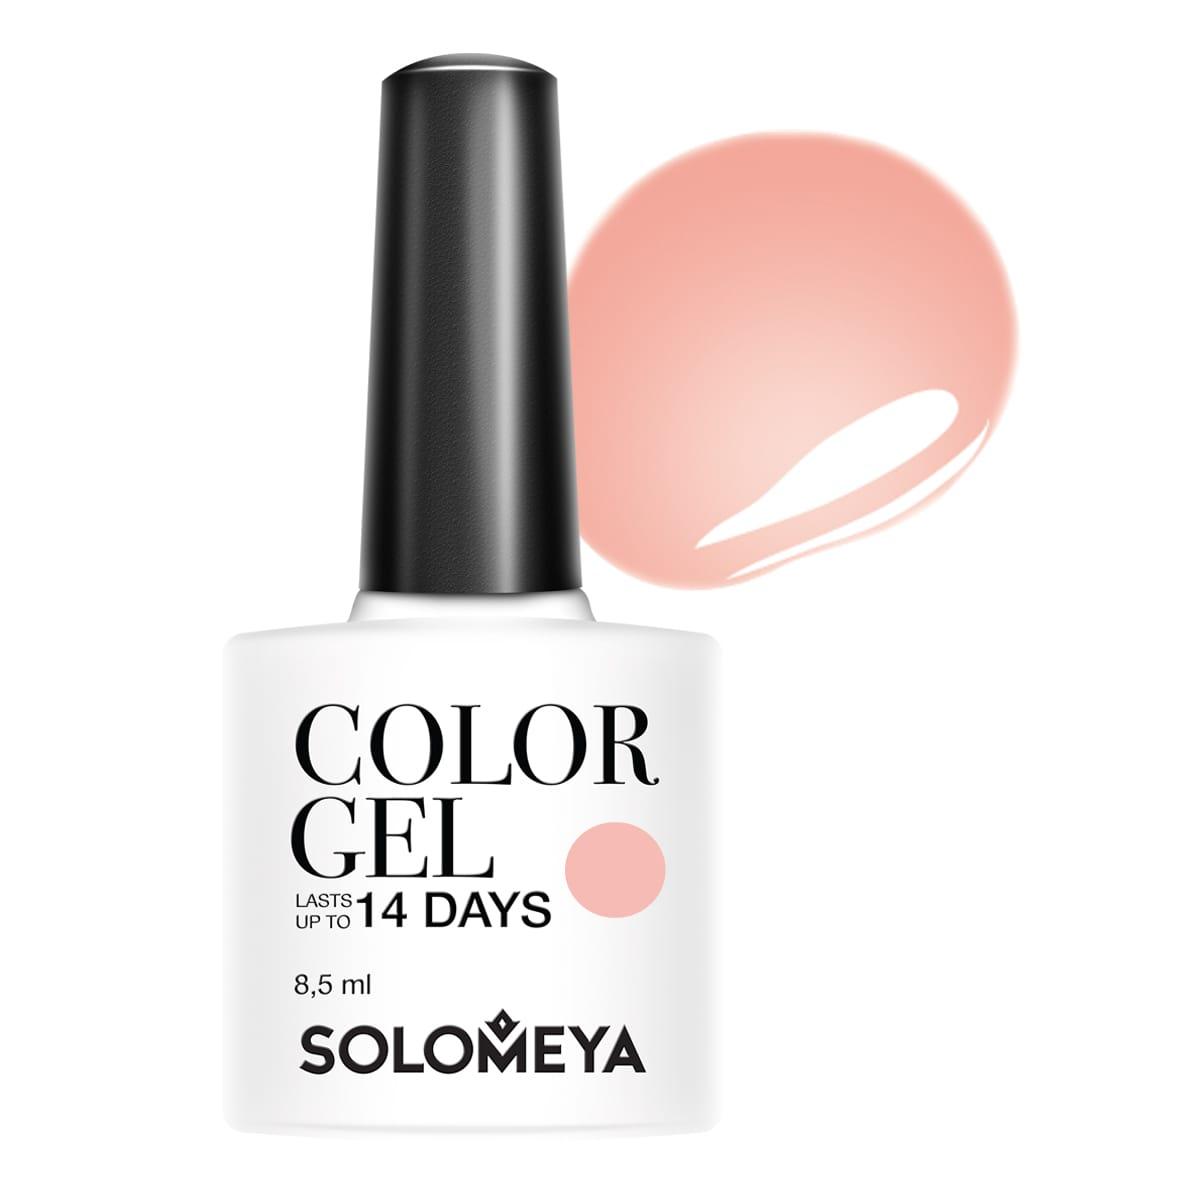 SOLOMEYA Гель-лак для ногтей SCGK010 Мой сладкий / Color Gel My sweet 8,5 мл